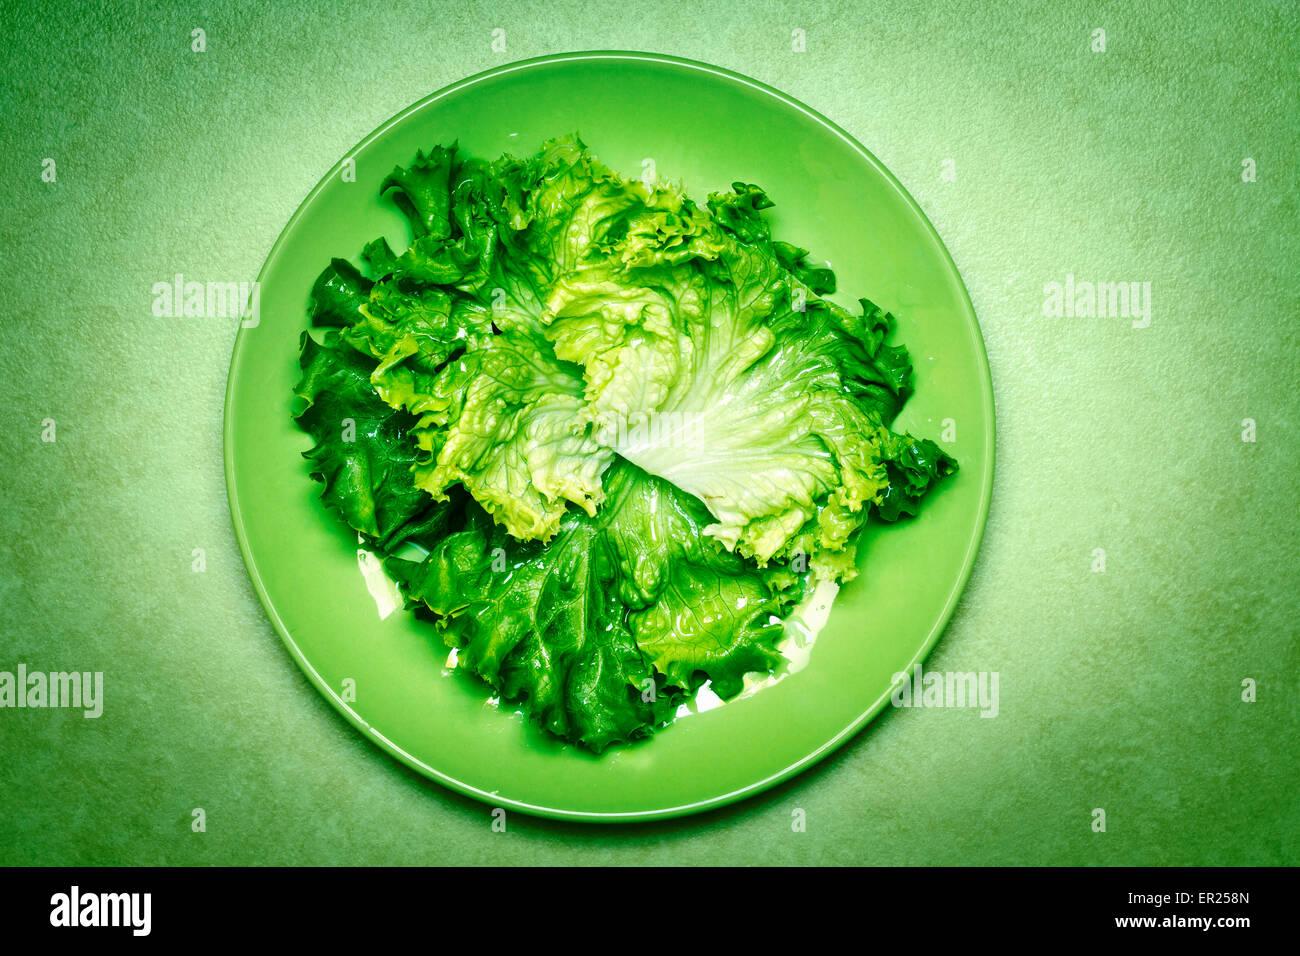 Ensalada de hojas verdes en la placa verde Imagen De Stock